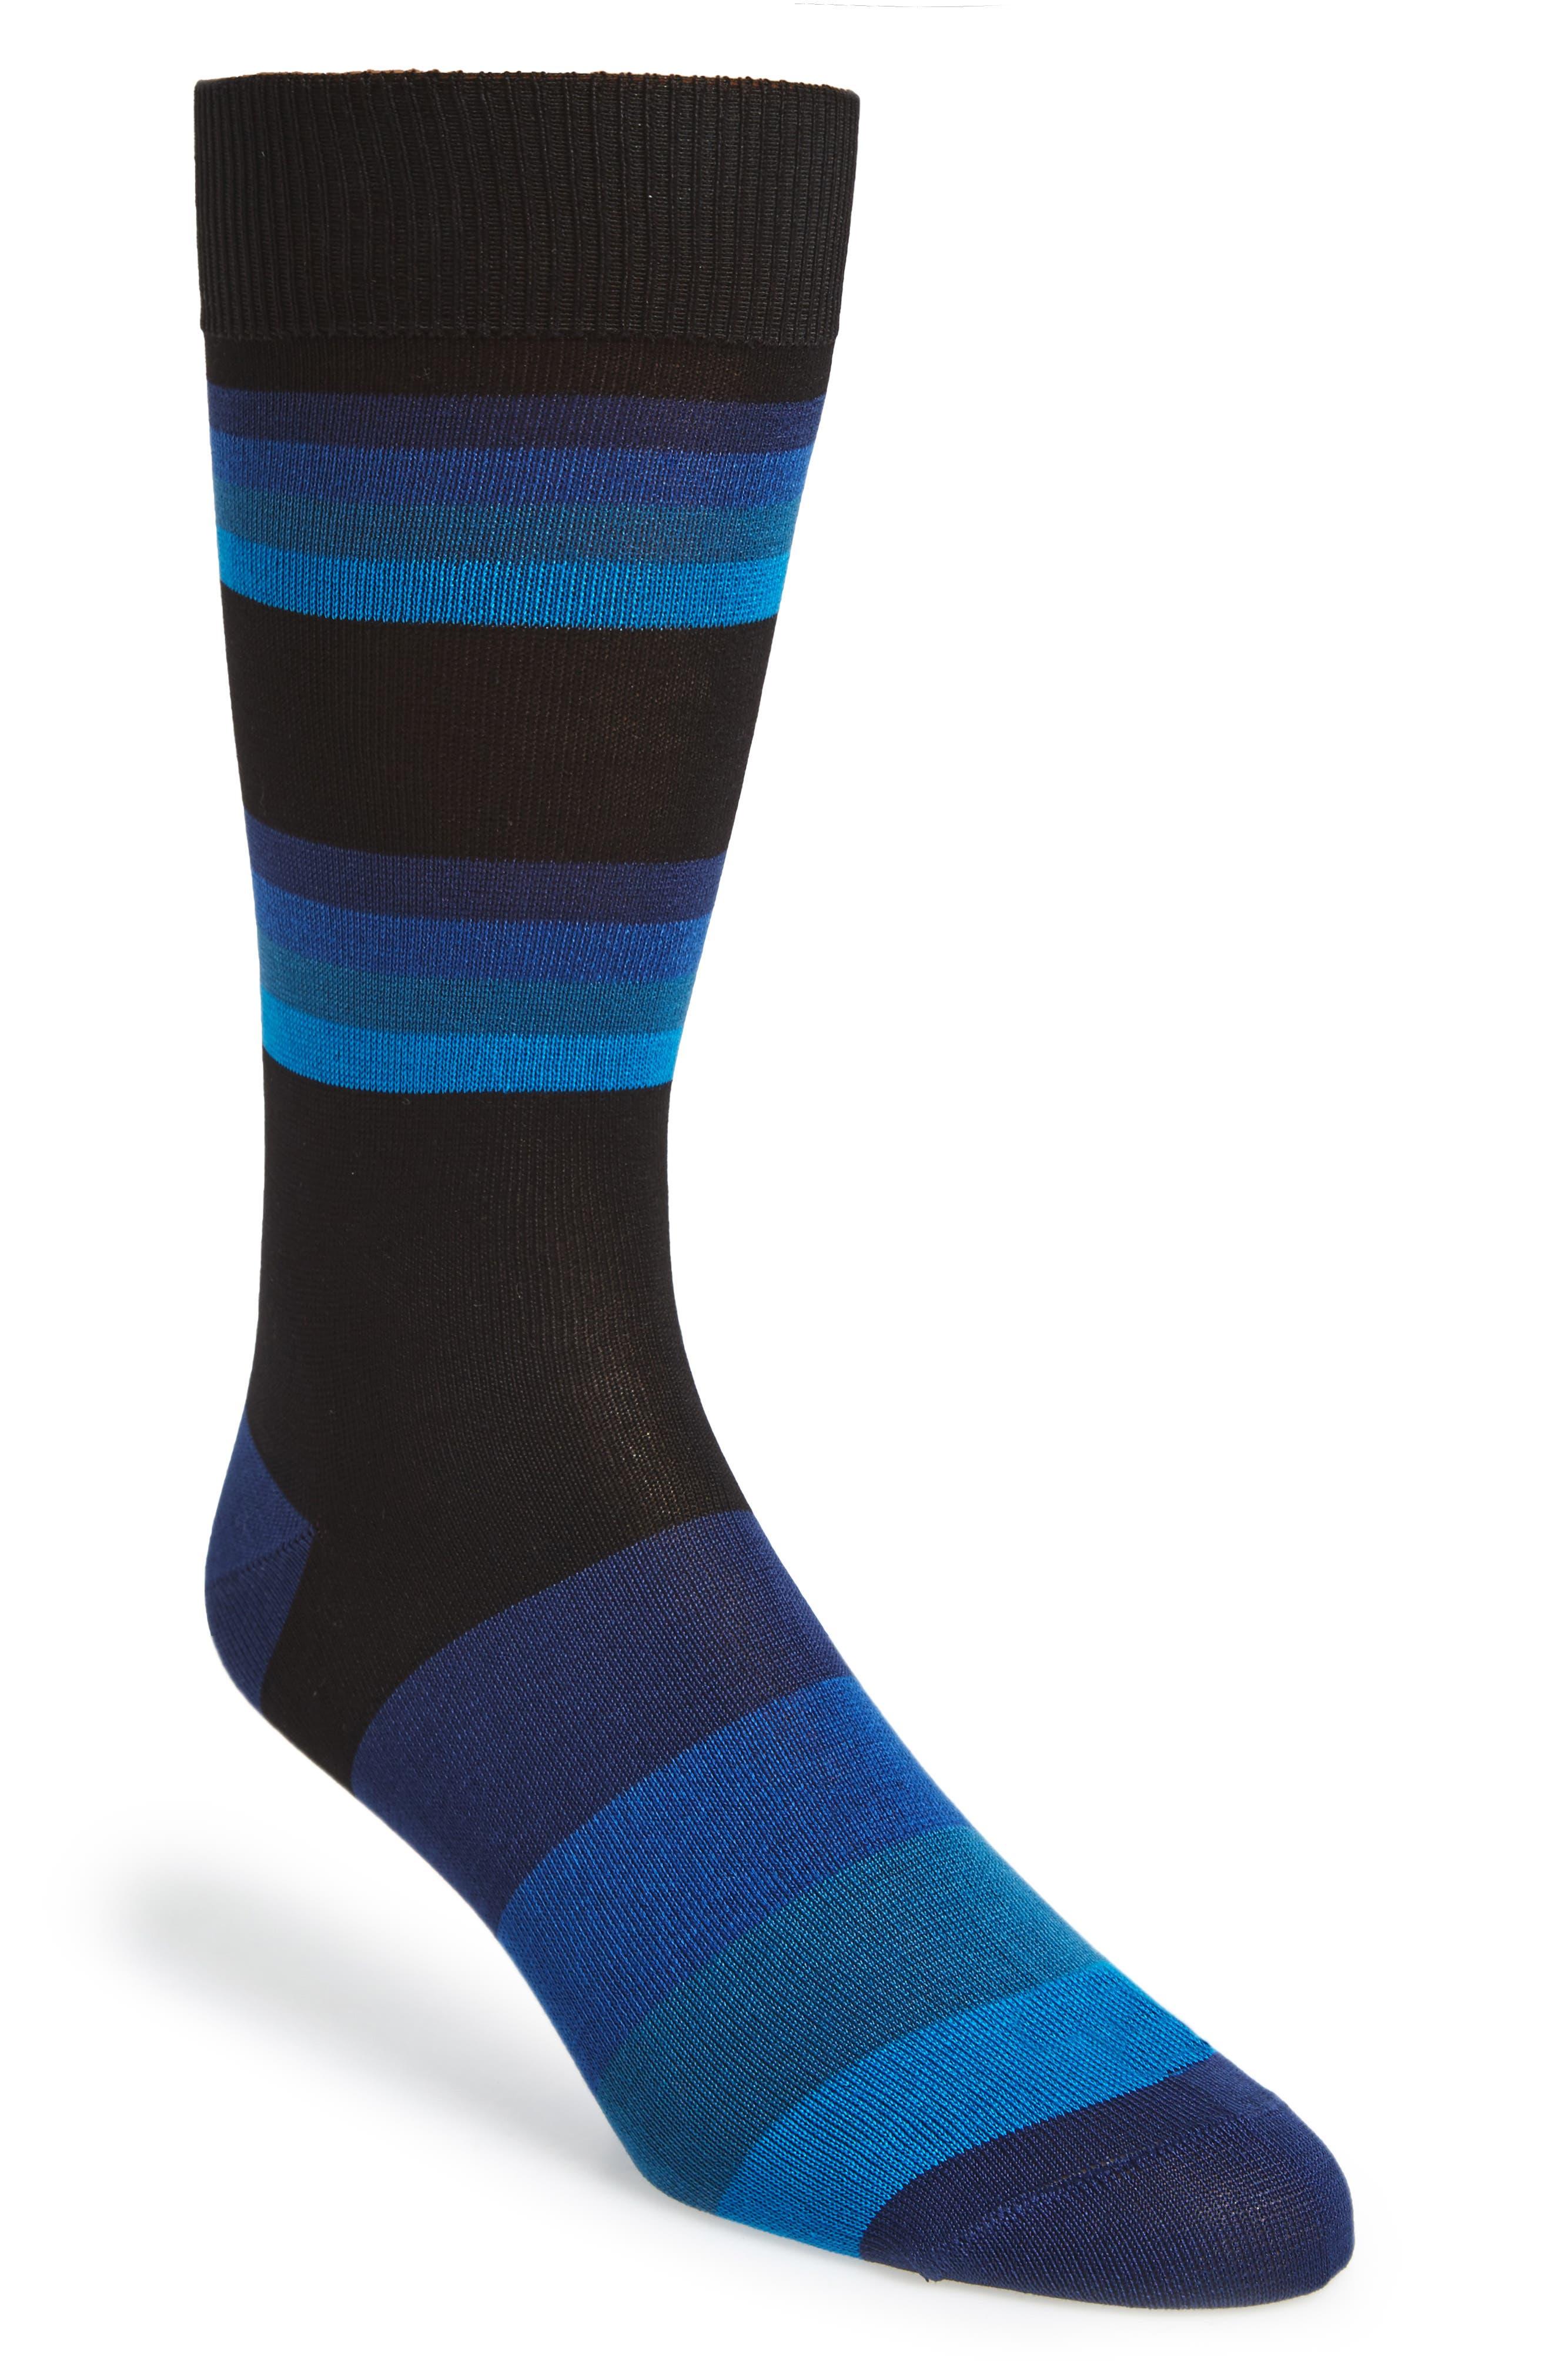 Boston Stripe Socks,                             Main thumbnail 1, color,                             001